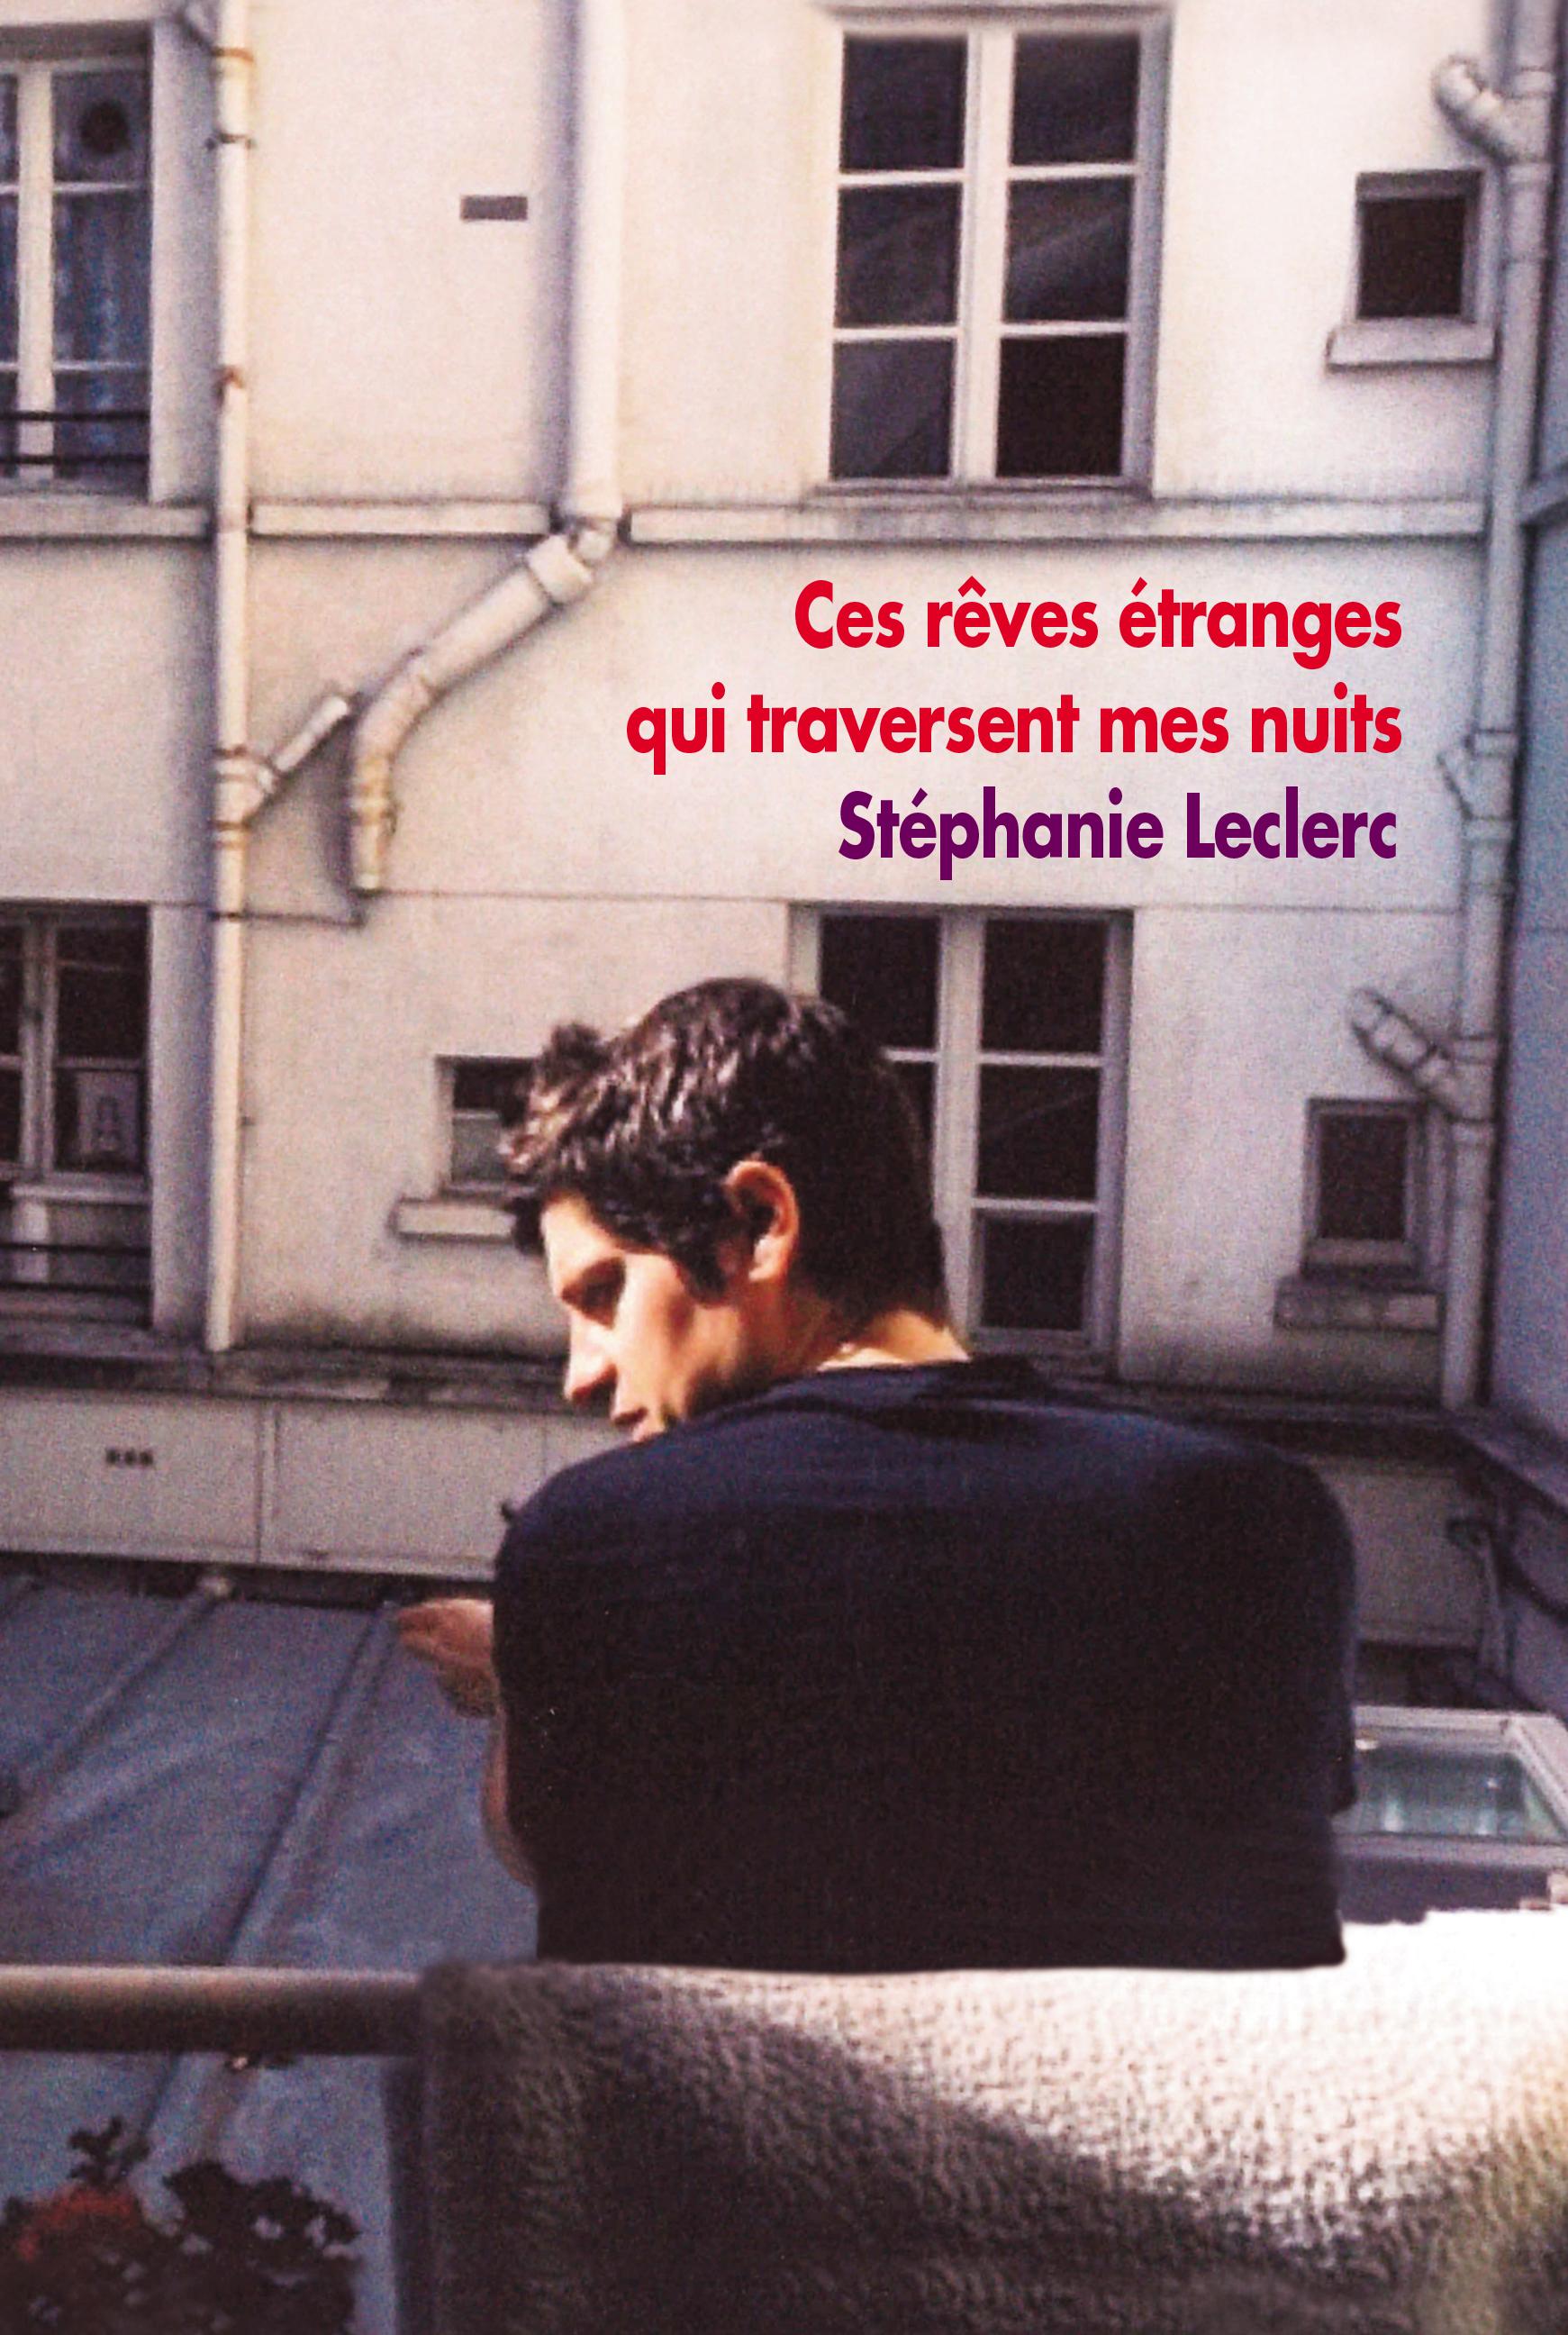 Couverture du livre de Stéphanie LECLERC, Ces rêves étranges qui traversent mes nuits